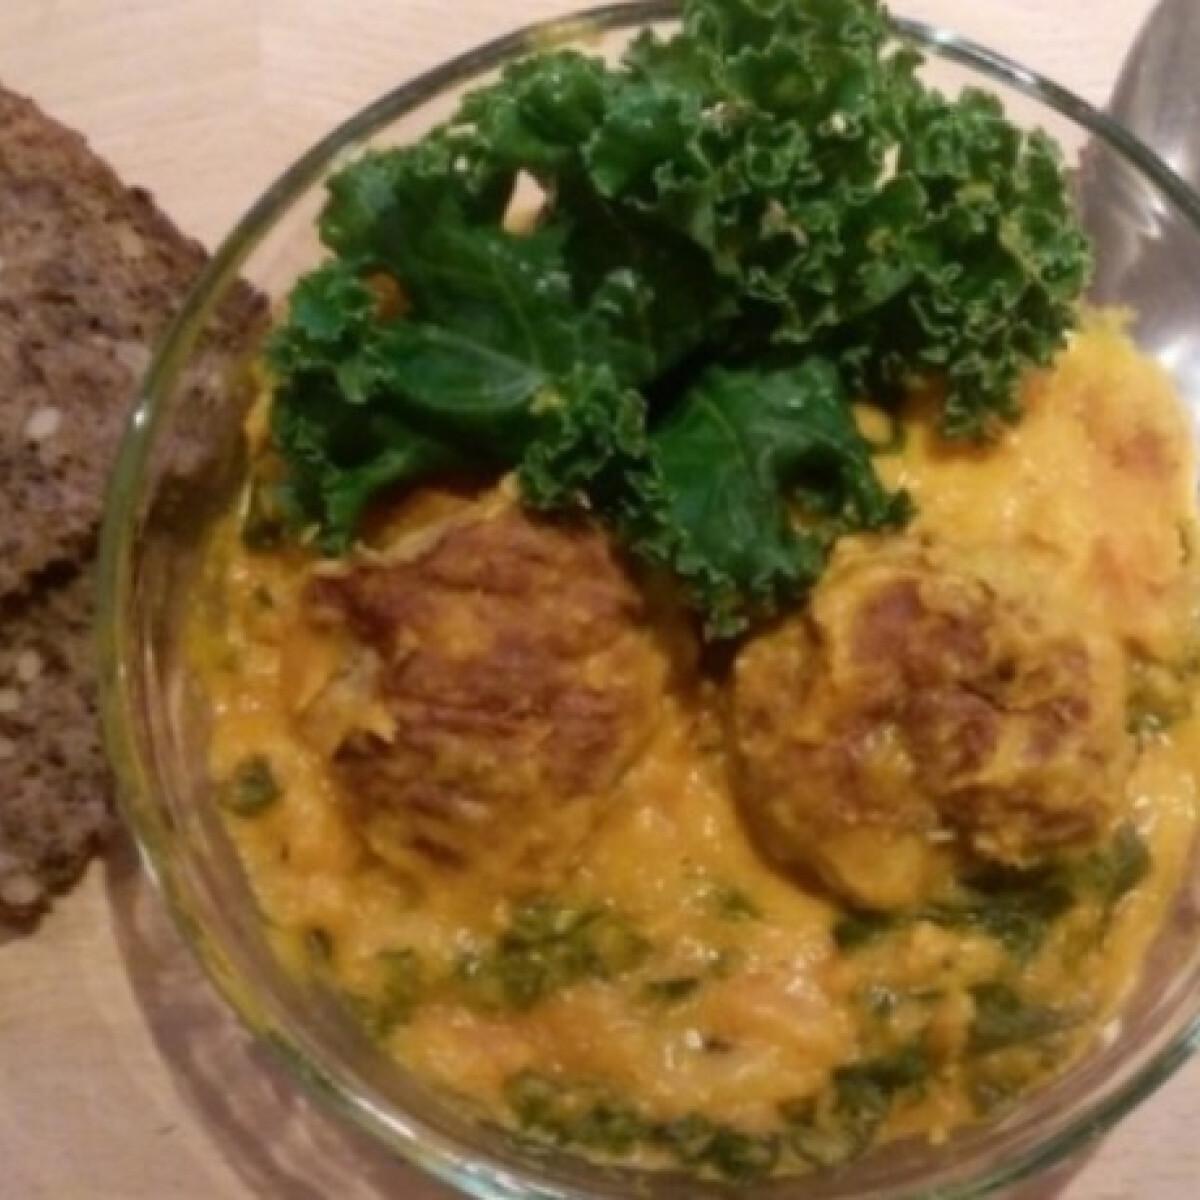 Sütőtök curry húsgolyókkal és kale-lel